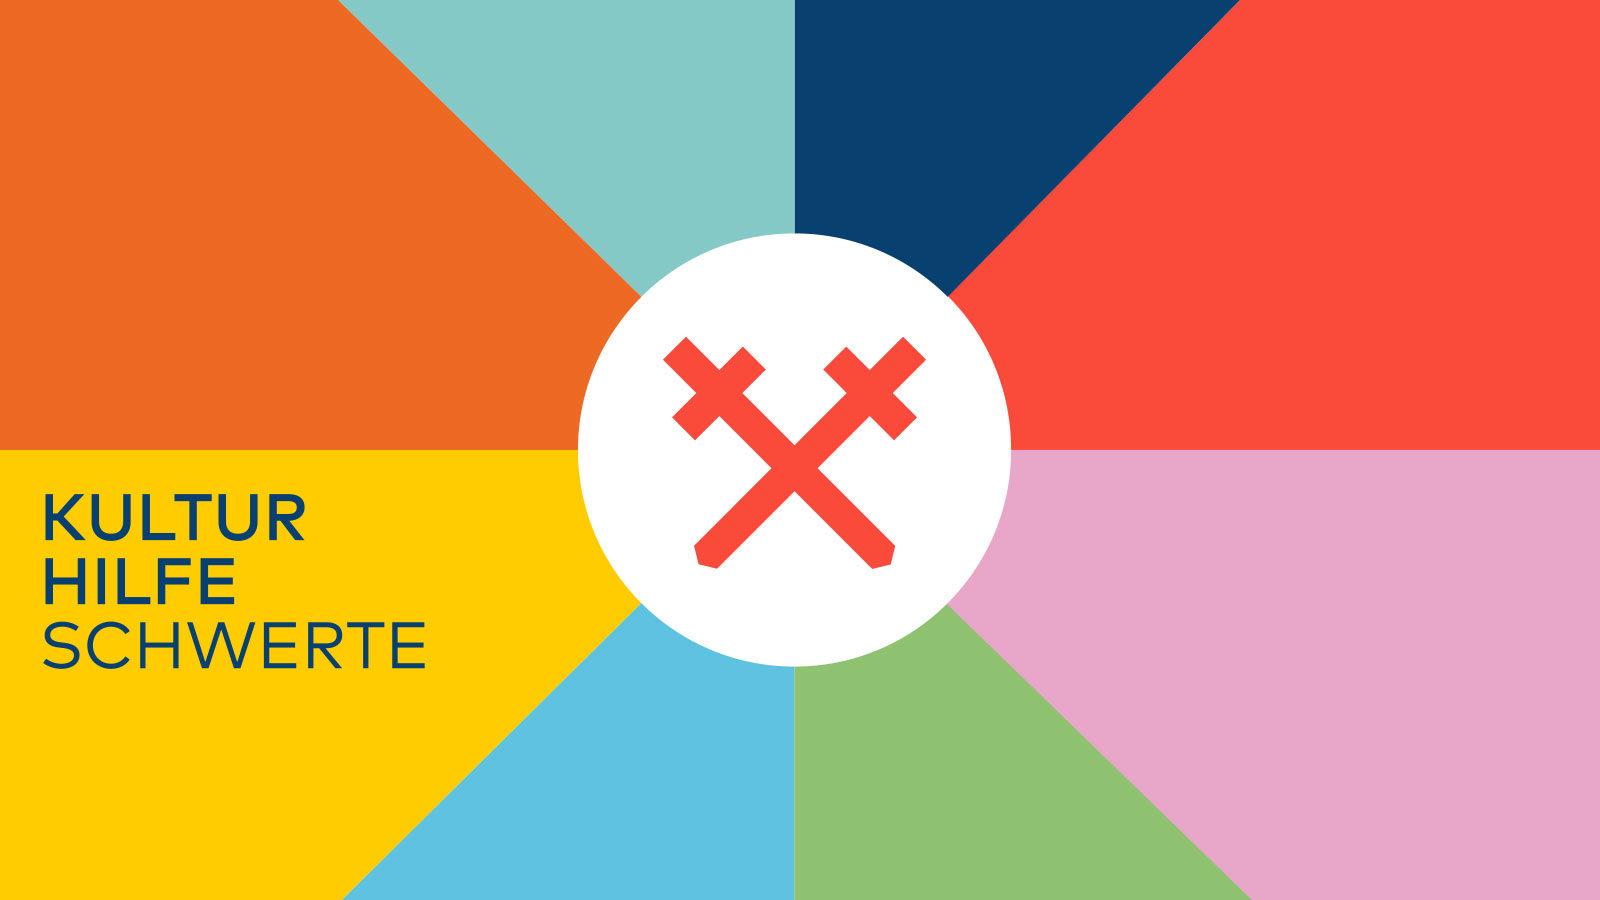 Kultur Hilfe Schwerte 16 9 Banner 02